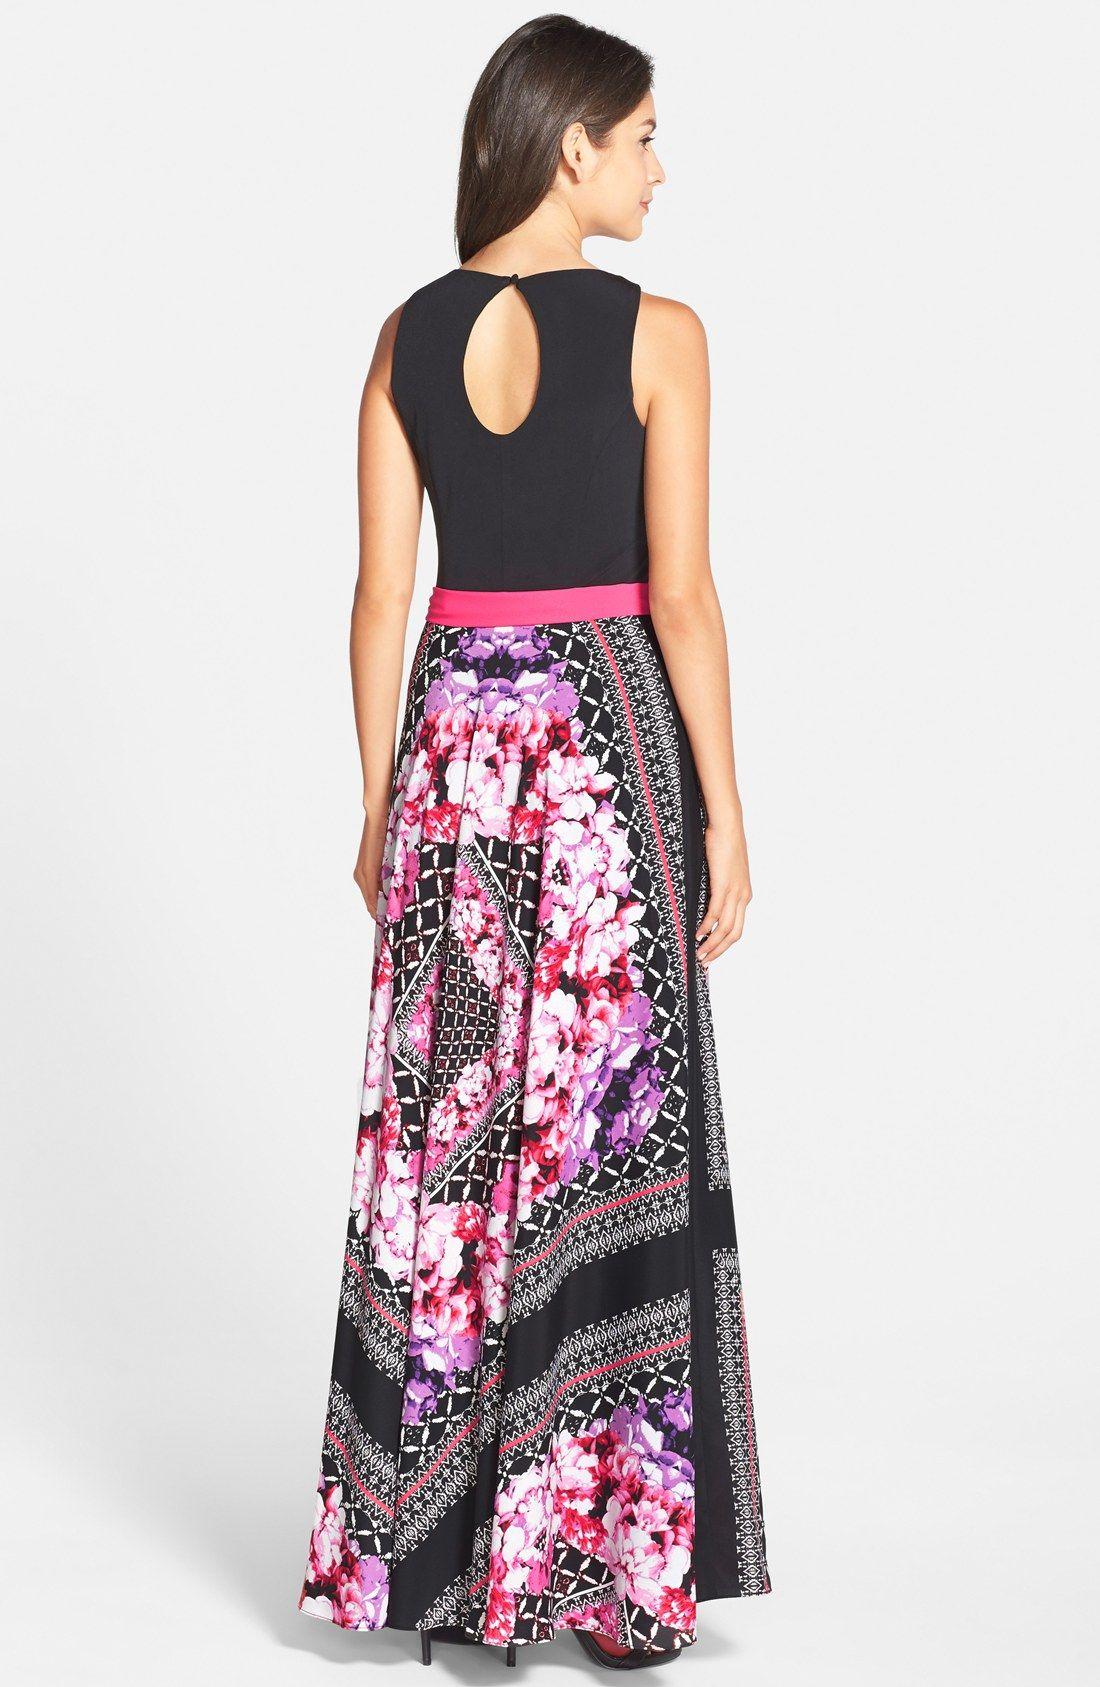 Maxi dress xs petite vests | Best dress ideas | Pinterest | Vests ...